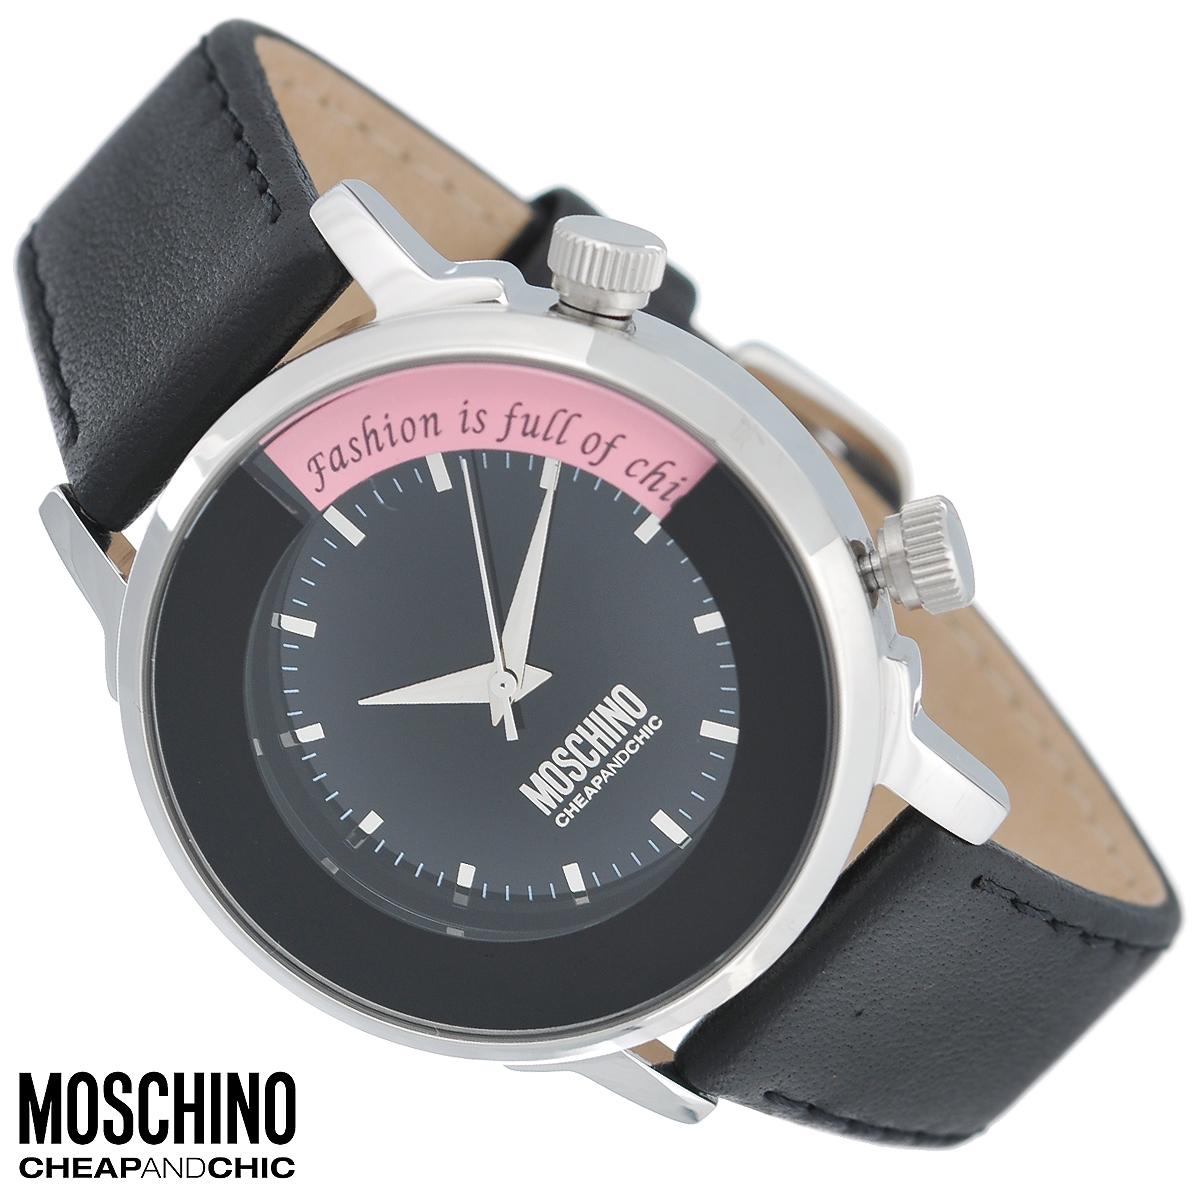 Часы женские наручные Moschino, цвет: черный. MW0249INT-06501Наручные часы от известного итальянского бренда Moschino - это не только стильный и функциональный аксессуар, но и современные технологи, сочетающиеся с экстравагантным дизайном и индивидуальностью. Часы Moschino оснащены кварцевым механизмом. Корпус выполнен из высококачественной нержавеющей стали. Циферблат с отметками защищен минеральным стеклом. Под циферблатом расположено вращающееся кольцо с цветными кристаллами. Выбор цвета кристаллов осуществляется поворотом заводной головки на два часа. Часы имеют три стрелки - часовую, минутную и секундную. Ремешок часов выполнен из натуральной кожи и оснащен классической застежкой. Часы упакованы в фирменную металлическую коробку с логотипом бренда. Часы Moschino благодаря своему уникальному дизайну отличаются от часов других марок своеобразными циферблатами, функциональностью, а также набором уникальных технических свойств. Каждой модели присуща легкая экстравагантность, самобытность и, безусловно, великолепный вкус. Характеристики:Диаметр циферблата: 2,6 см.Размер корпуса: 4 см х 4 см х 1,1 см.Длина ремешка (с корпусом): 22,5 см.Ширина ремешка: 1,7 см.